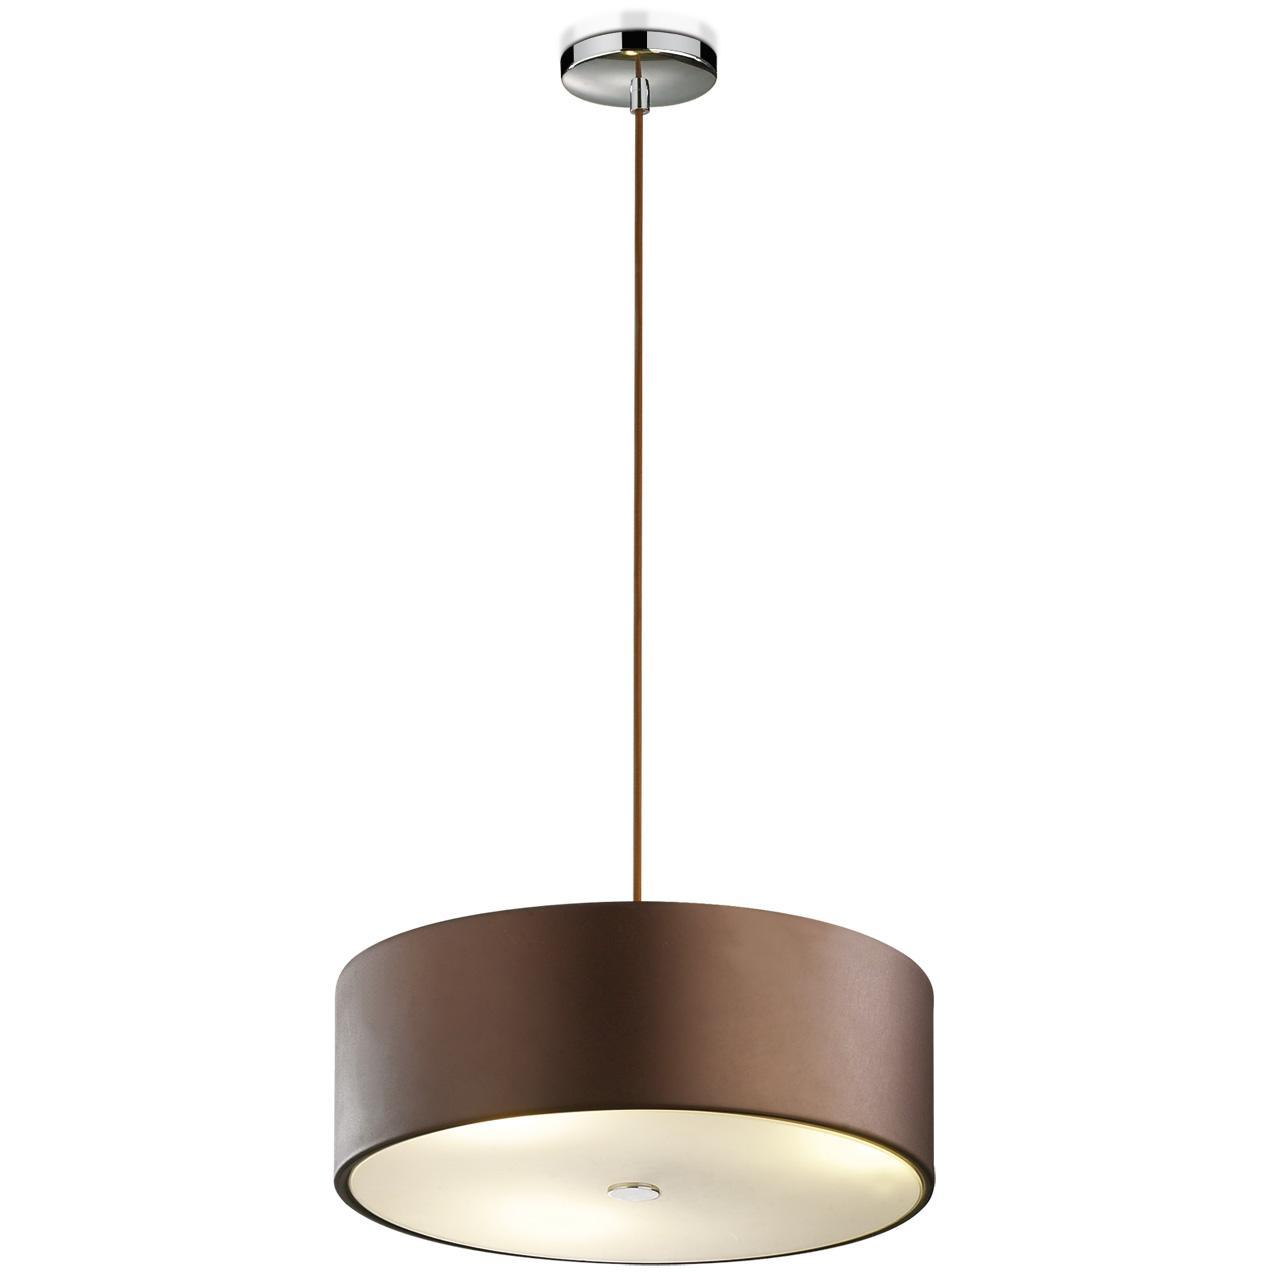 Подвесной светильник Odeon Light Salar 2047/3 odeon light 2047 3 odl11 593 хром подвес e14 3 60w 220v salar